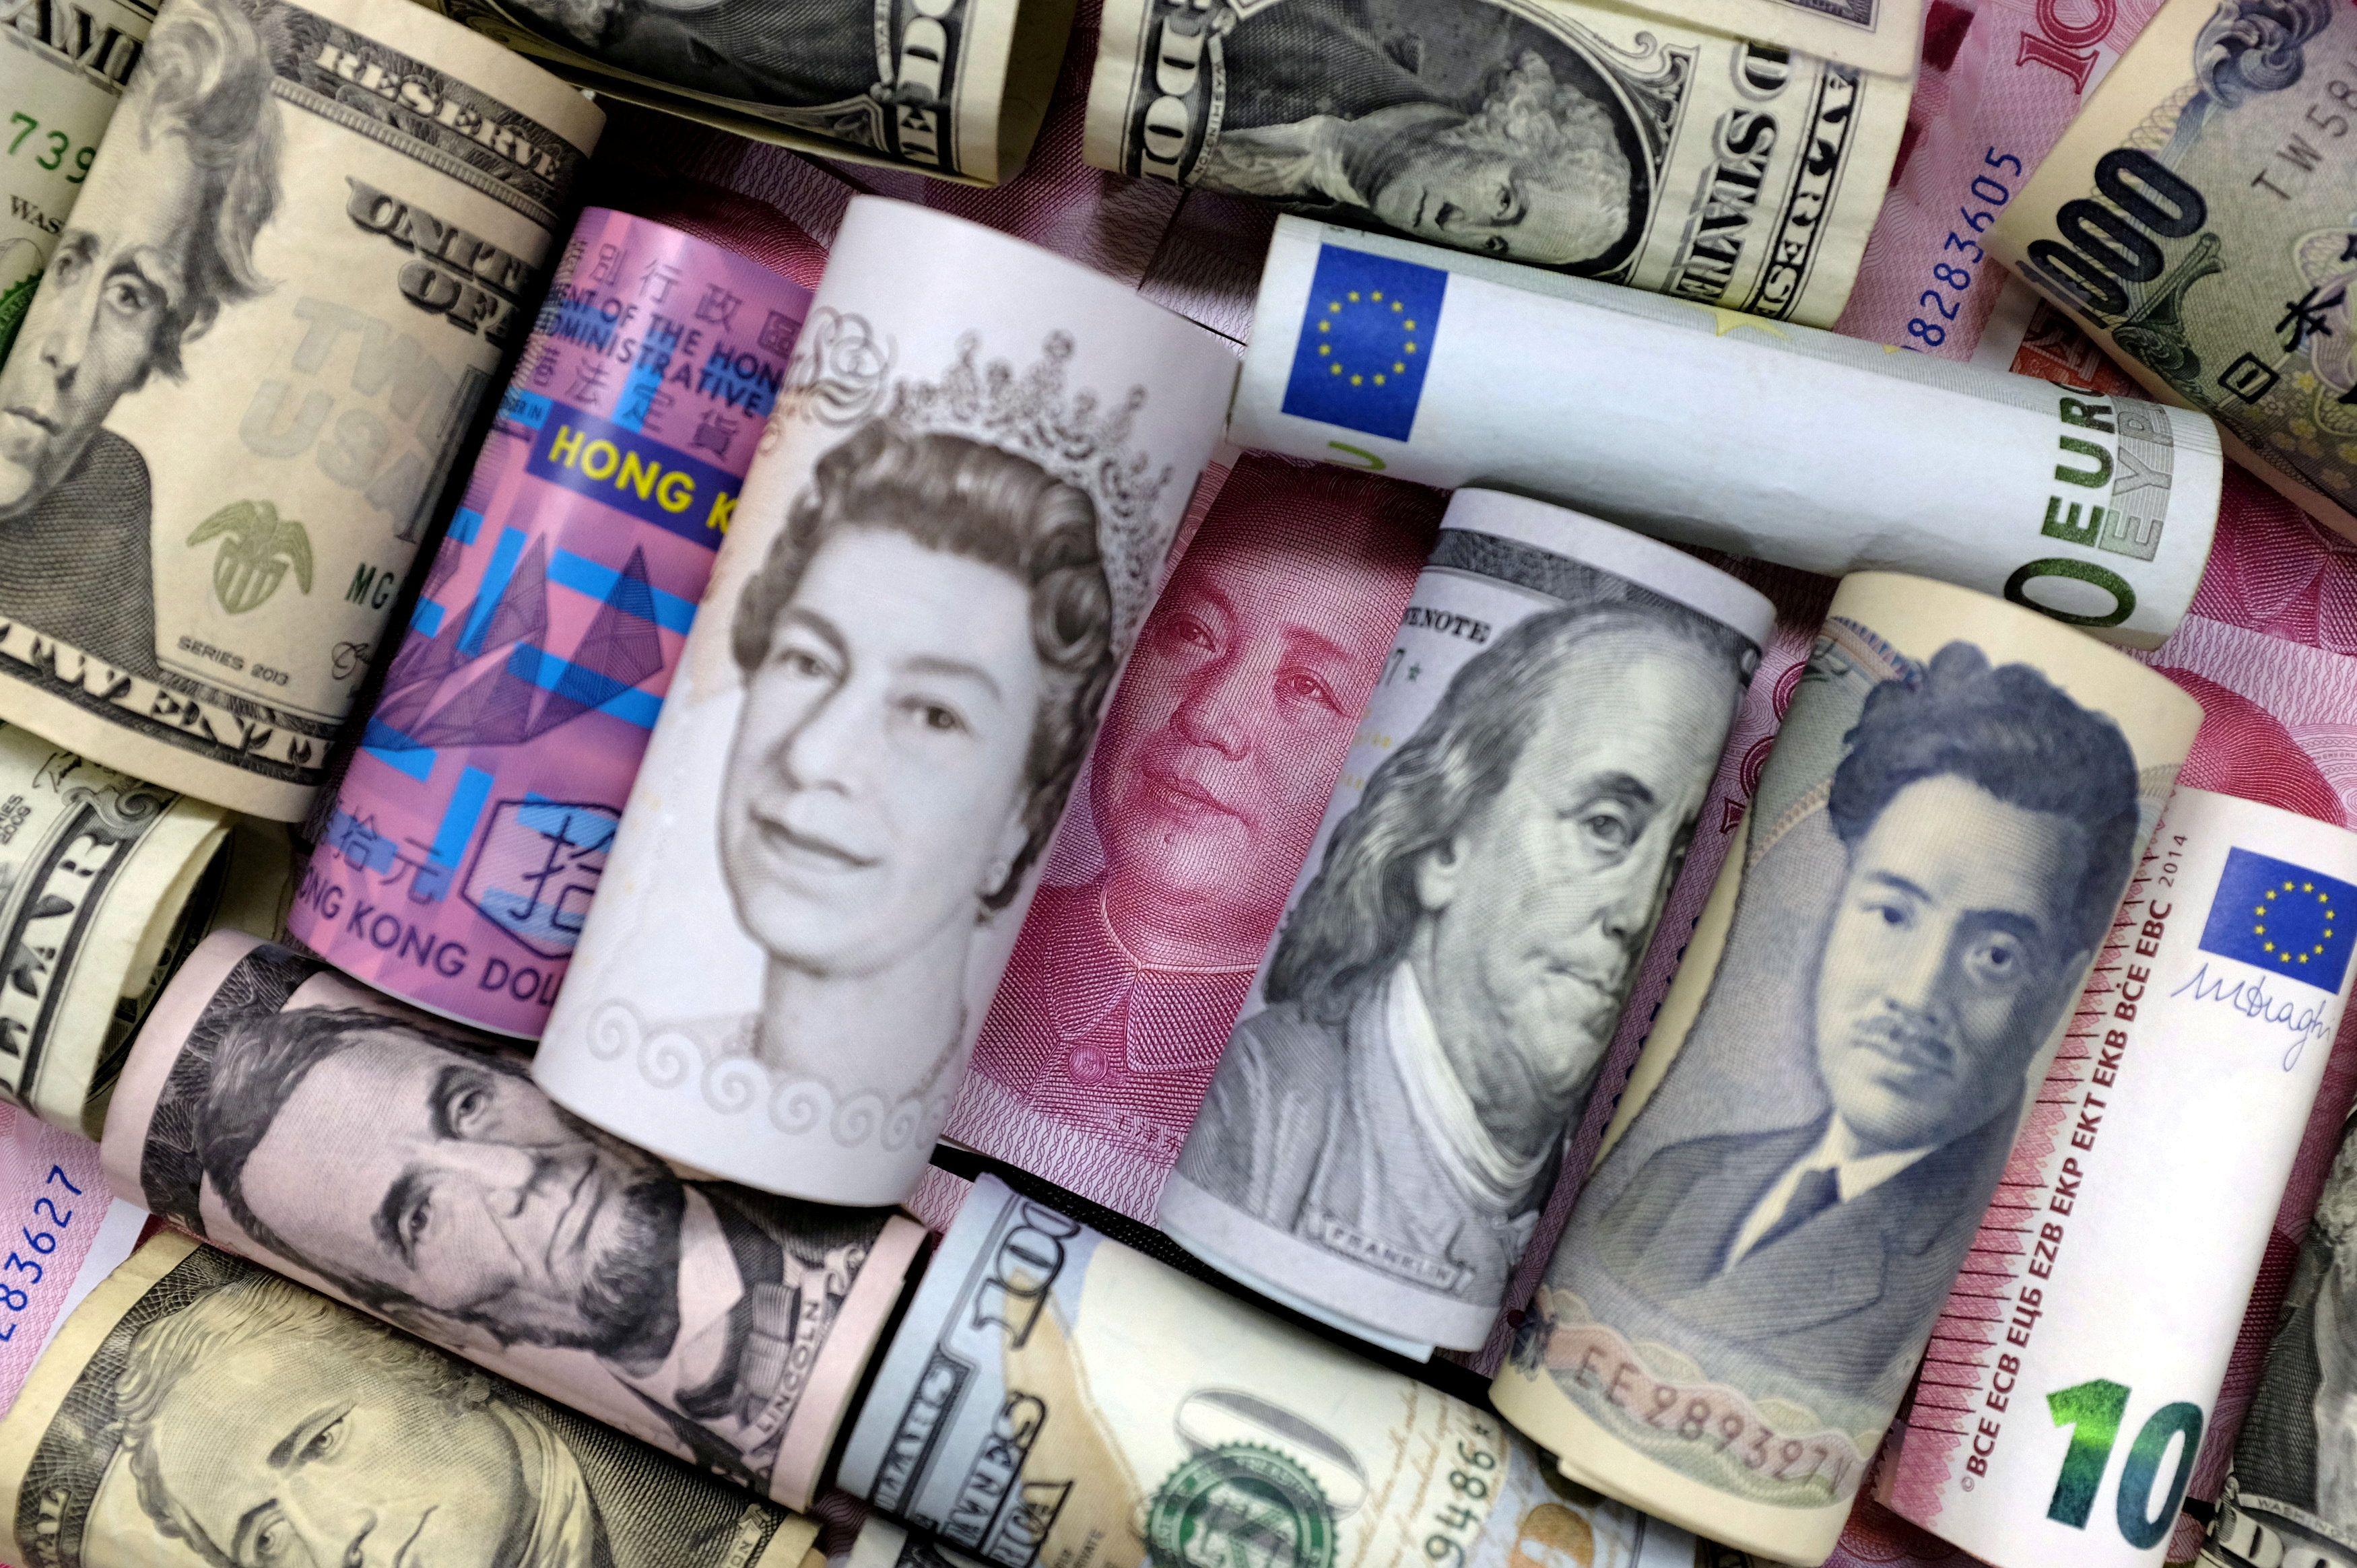 НБУ позволил проводить валютно-обменные операции через платежные устройства.